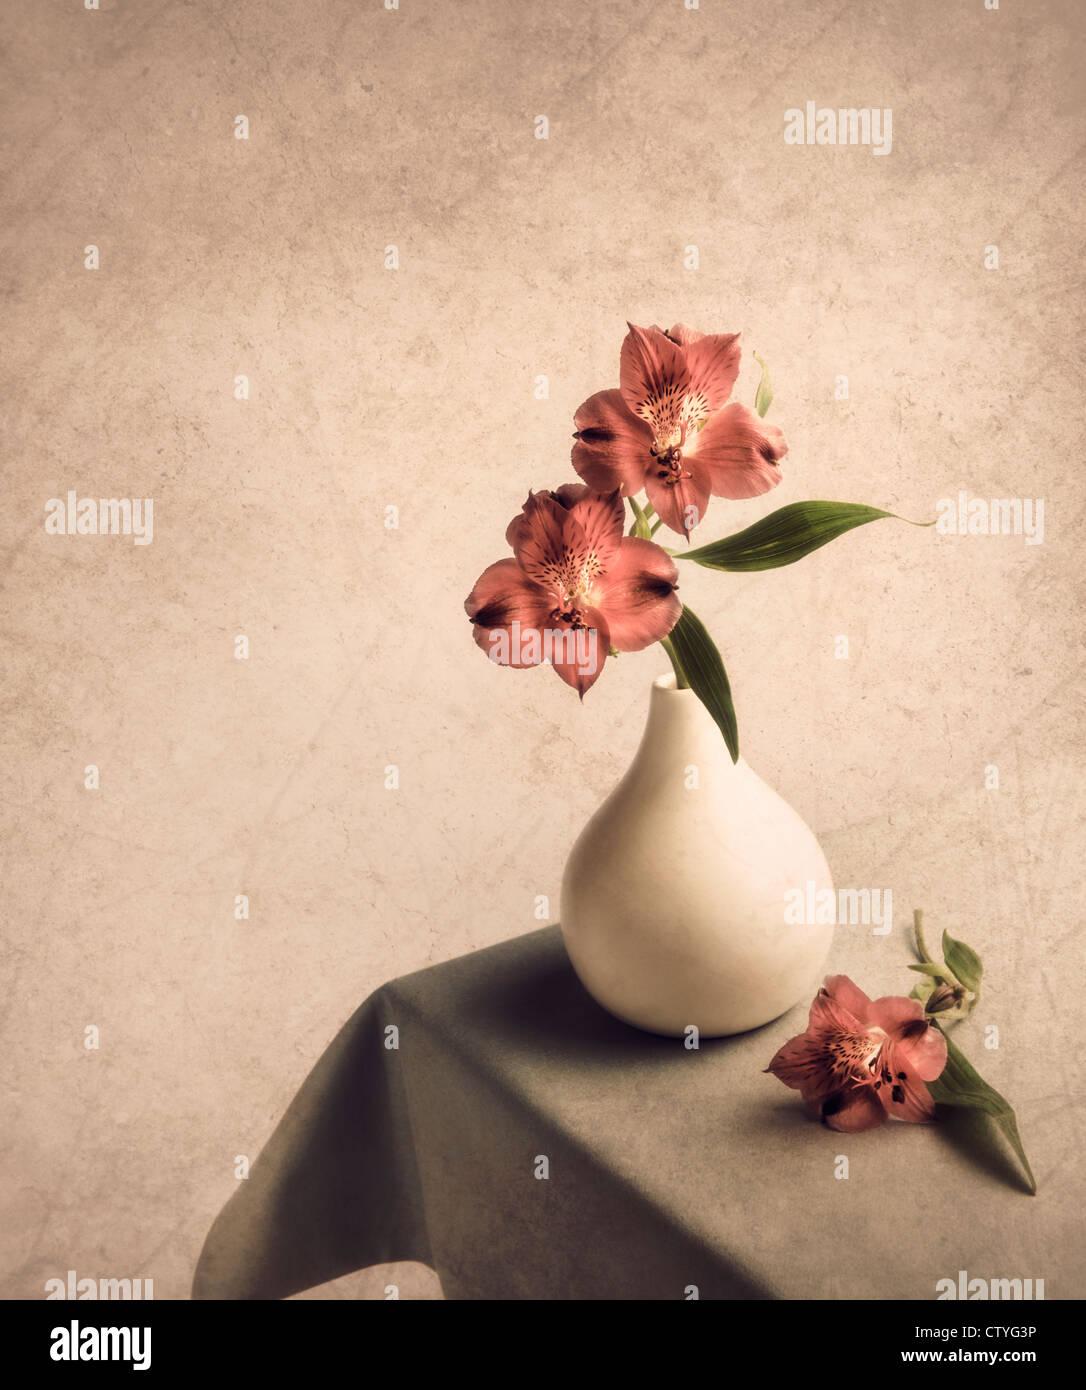 Blumen in Vase auf Beistelltisch mit Struktureffekt Stockbild